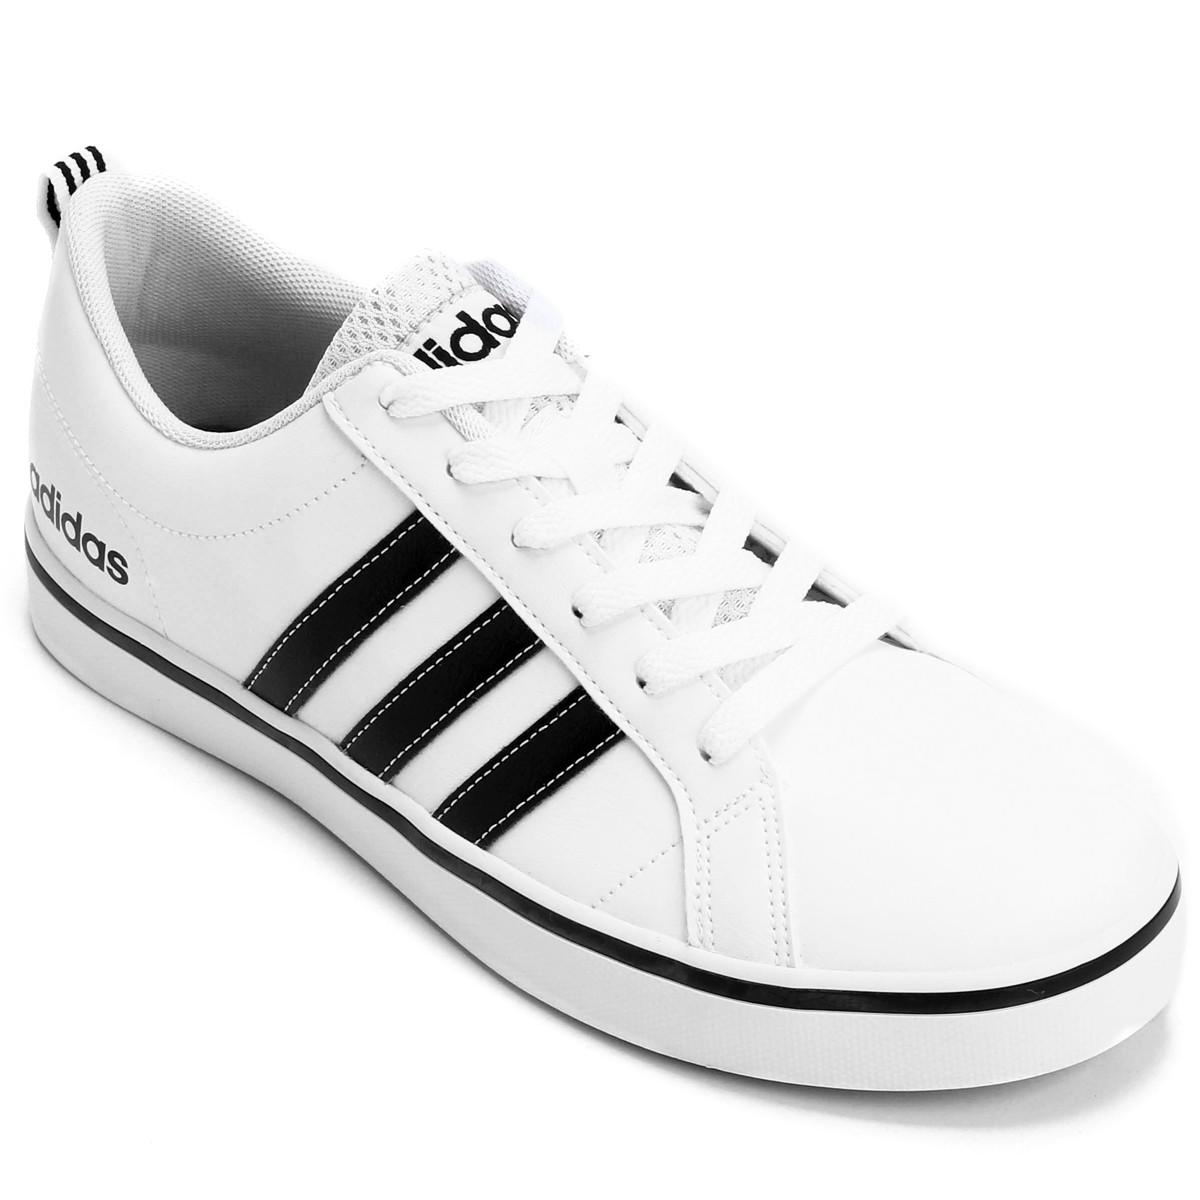 fa242a9fc04e4 Tênis Masculino Adidas Pace Vs AW4594 Branco Preto